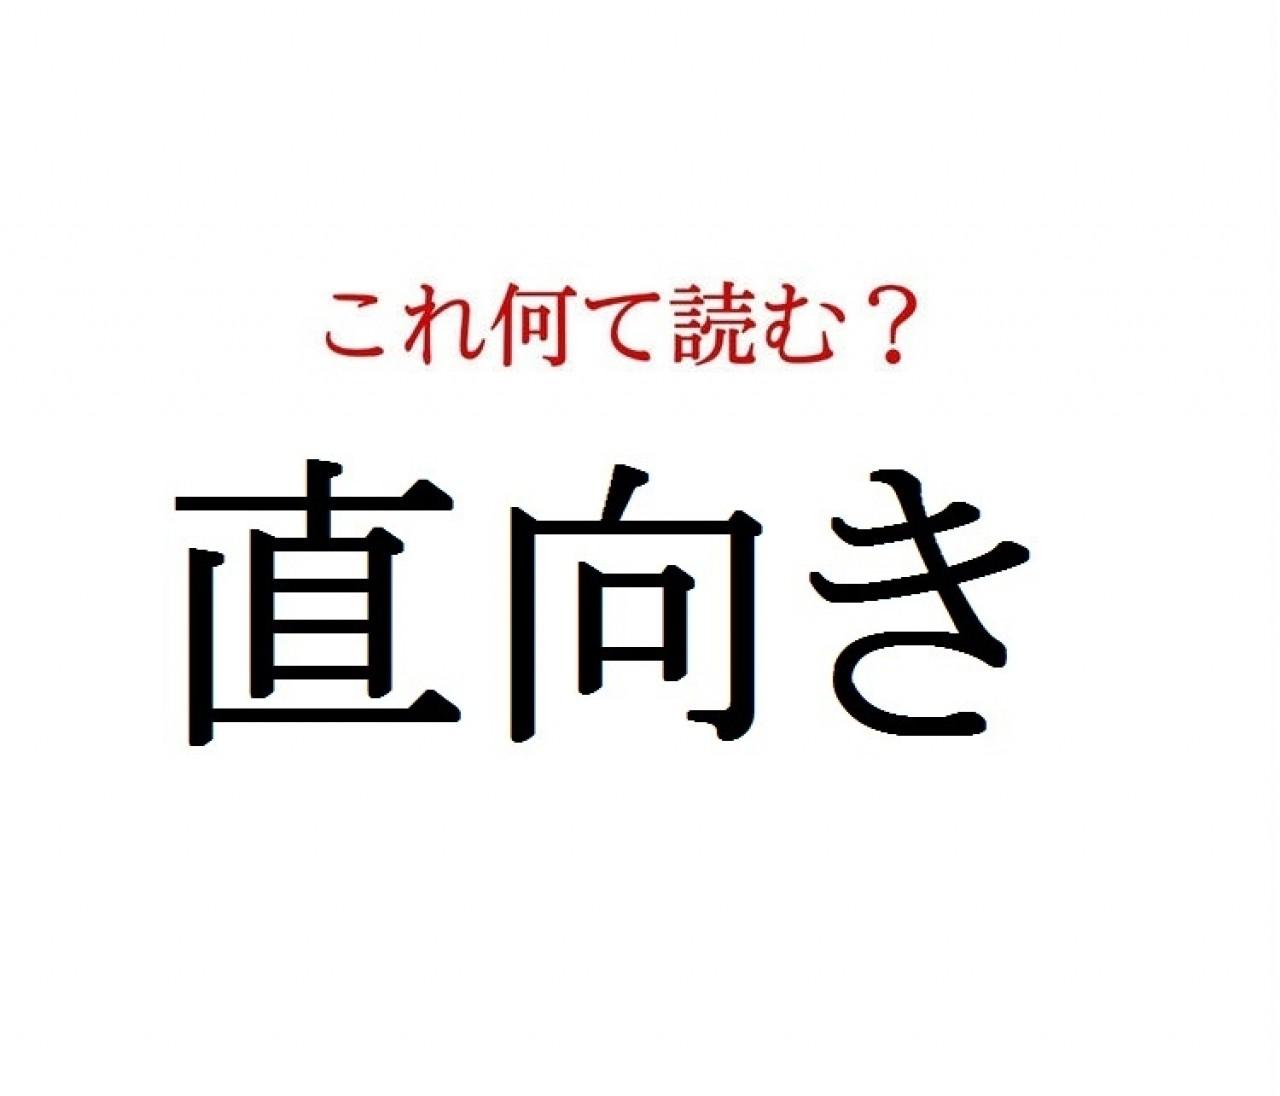 「直向き」:この漢字、自信を持って読めますか?【働く大人の漢字クイズvol.291】